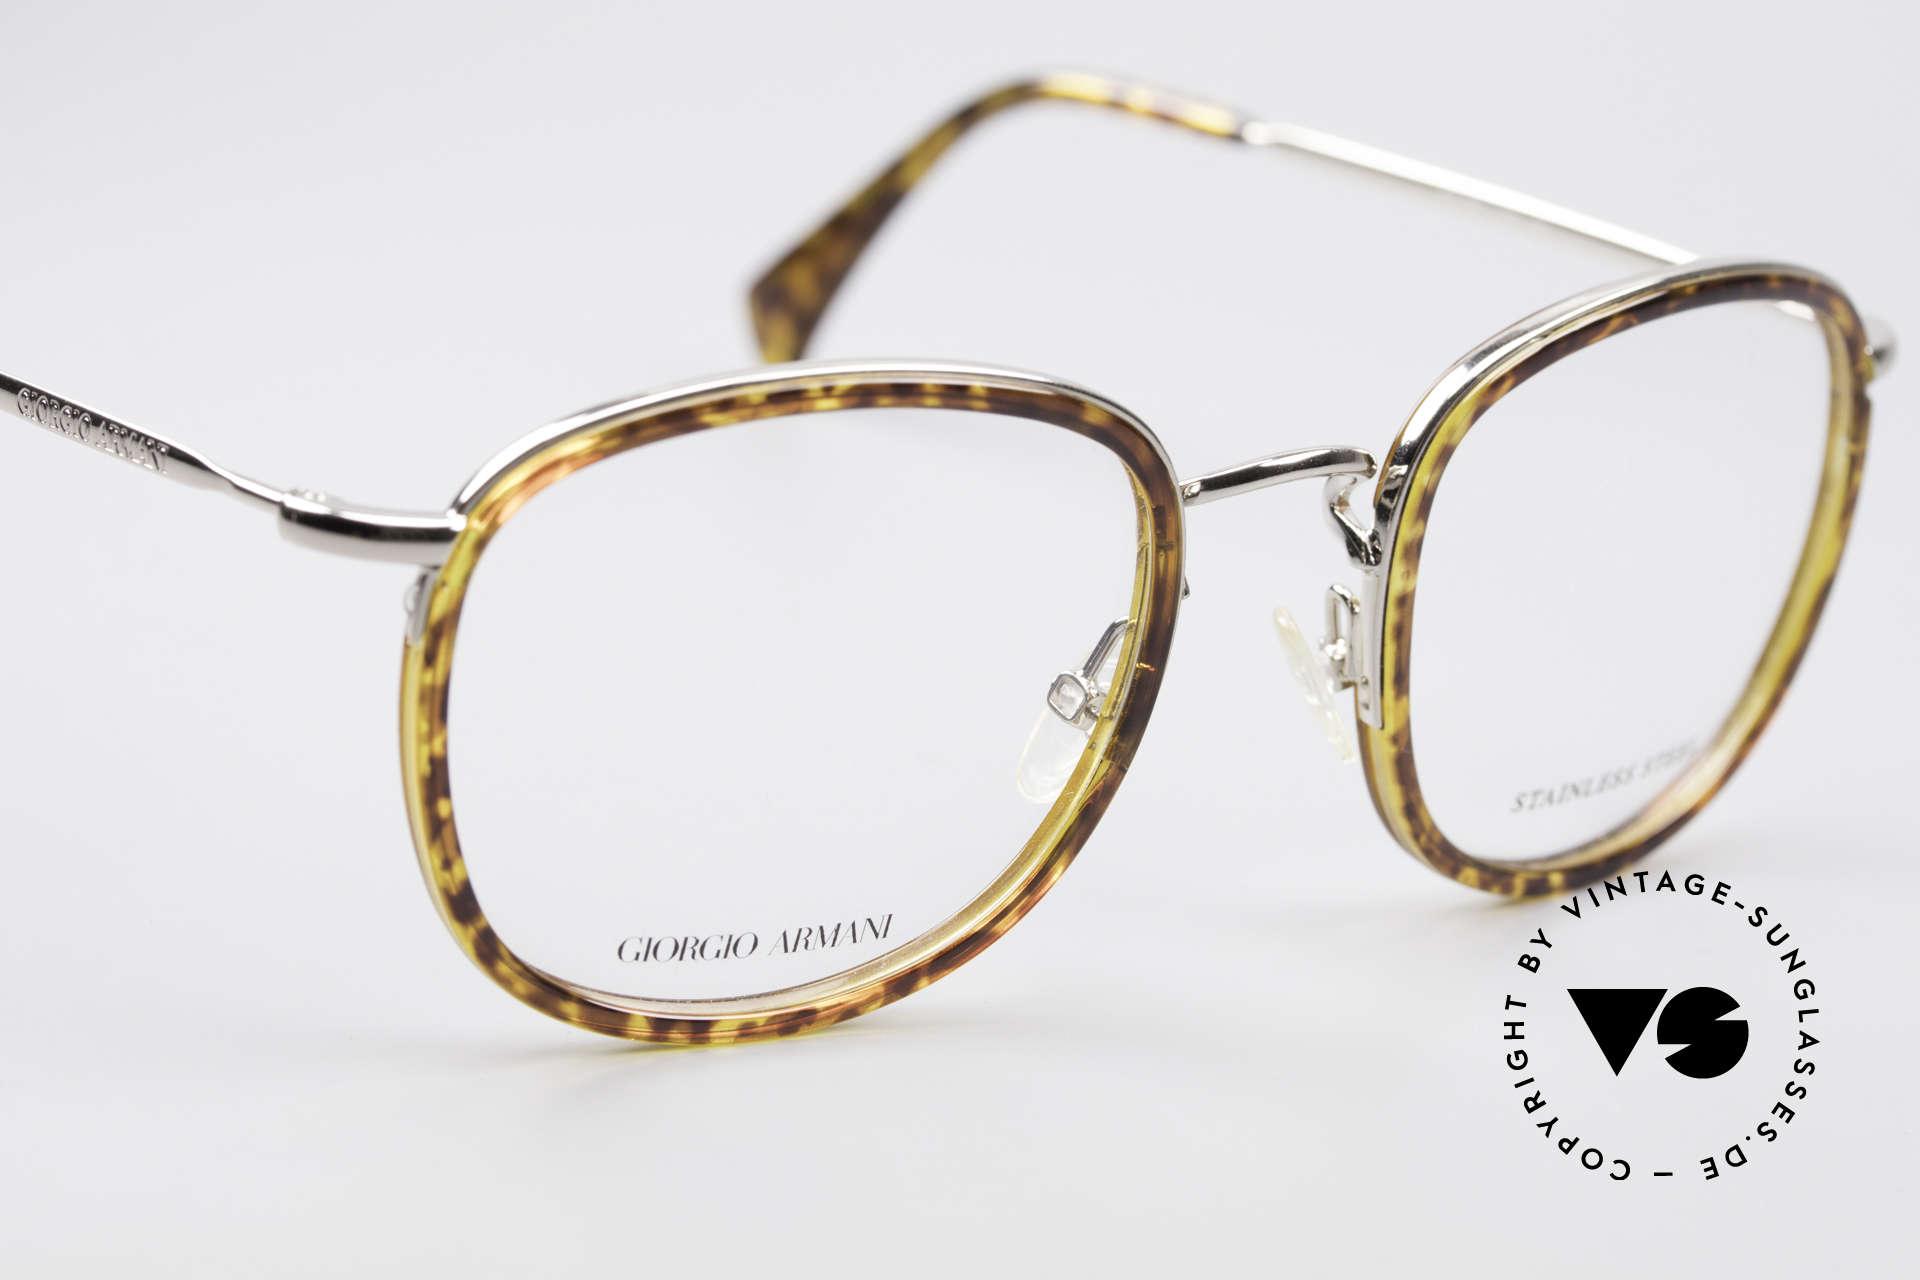 Giorgio Armani 863 Square Panto Eyeglass-Frame, NO RETRO EYEGLASSES, but true 1990's commodity!, Made for Men